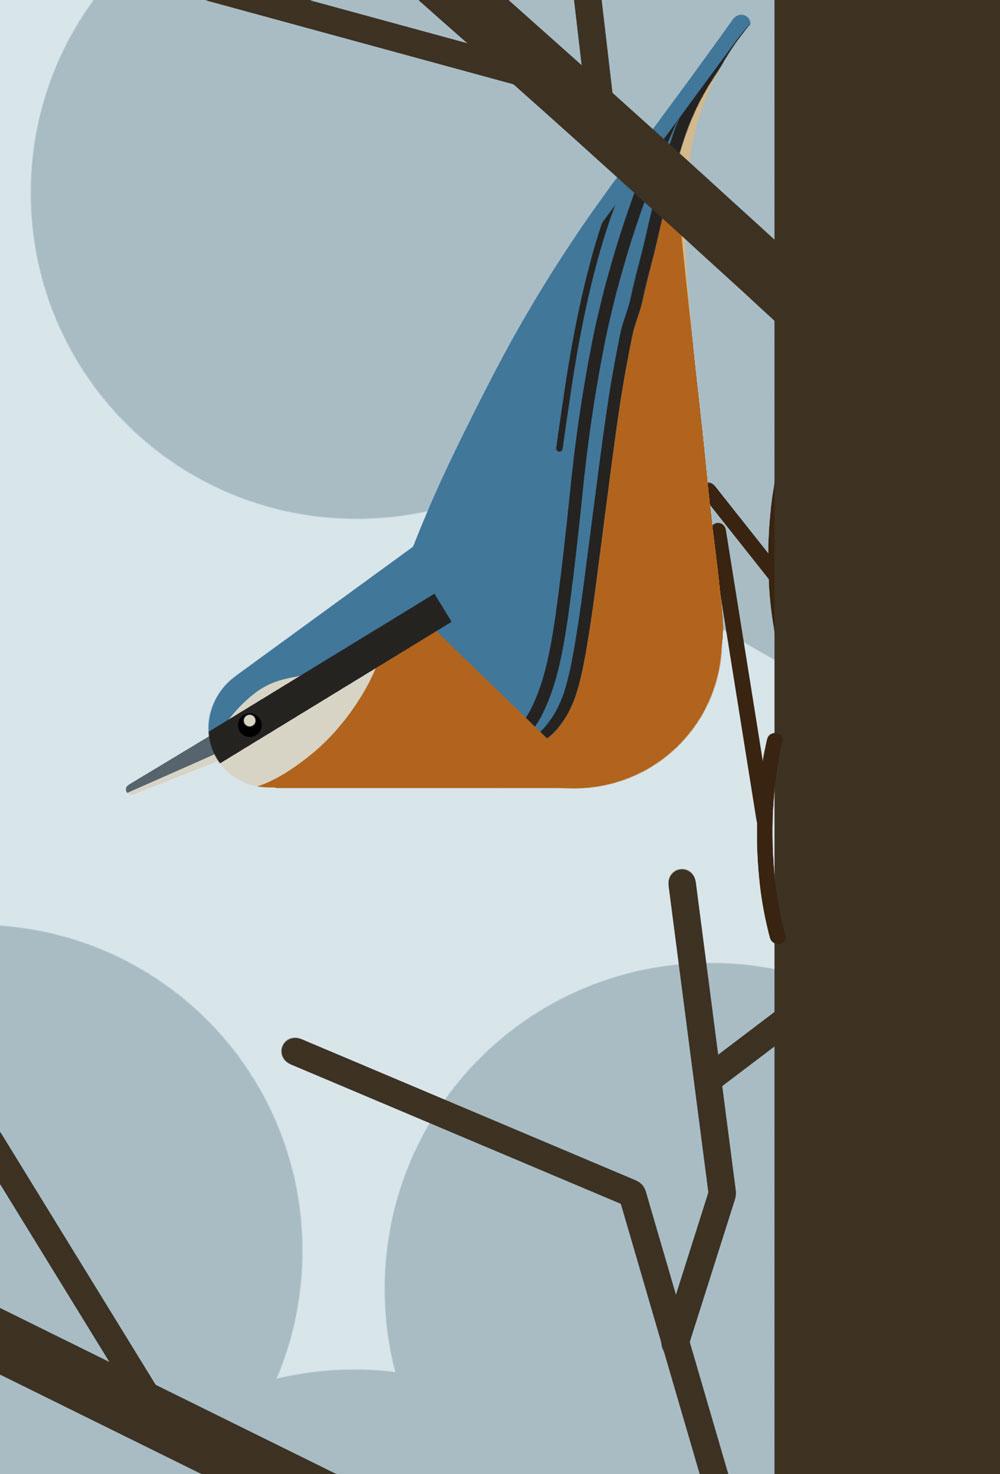 Leicht abstrakte, grafische Darstellung eines Kleibers